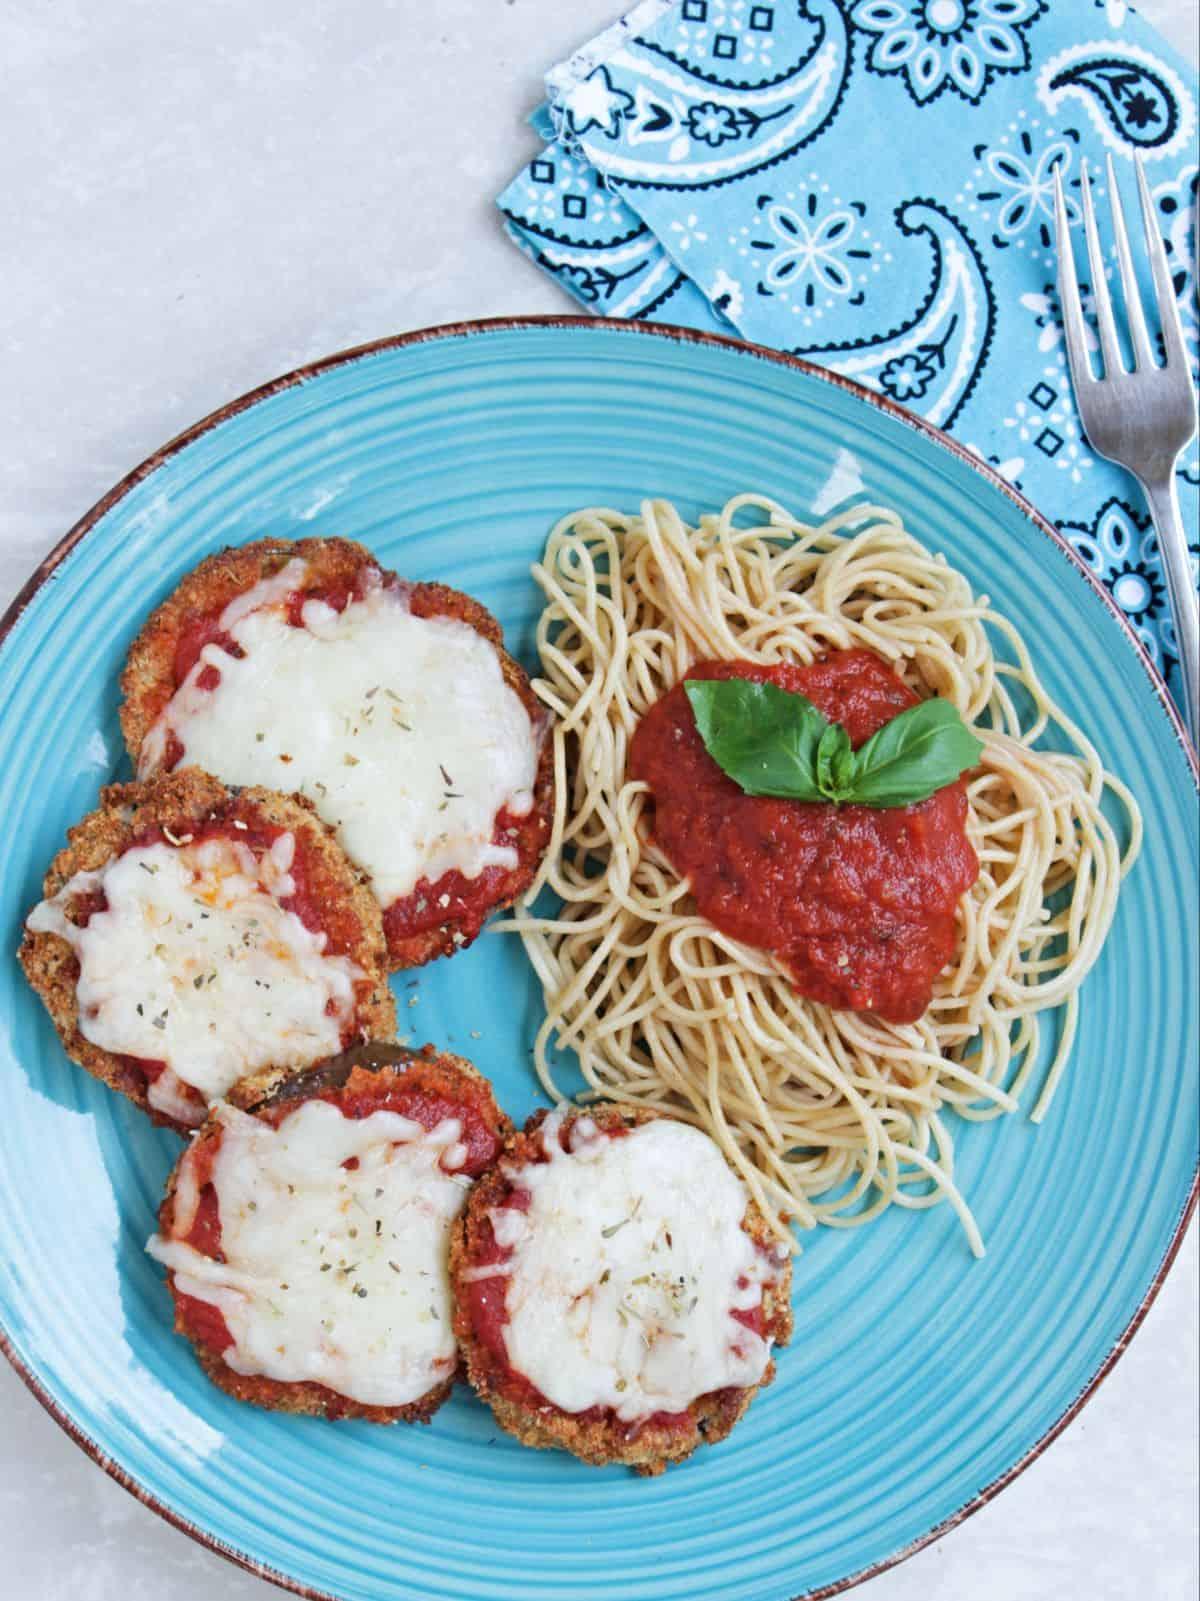 aubergine parmigiana with pasta